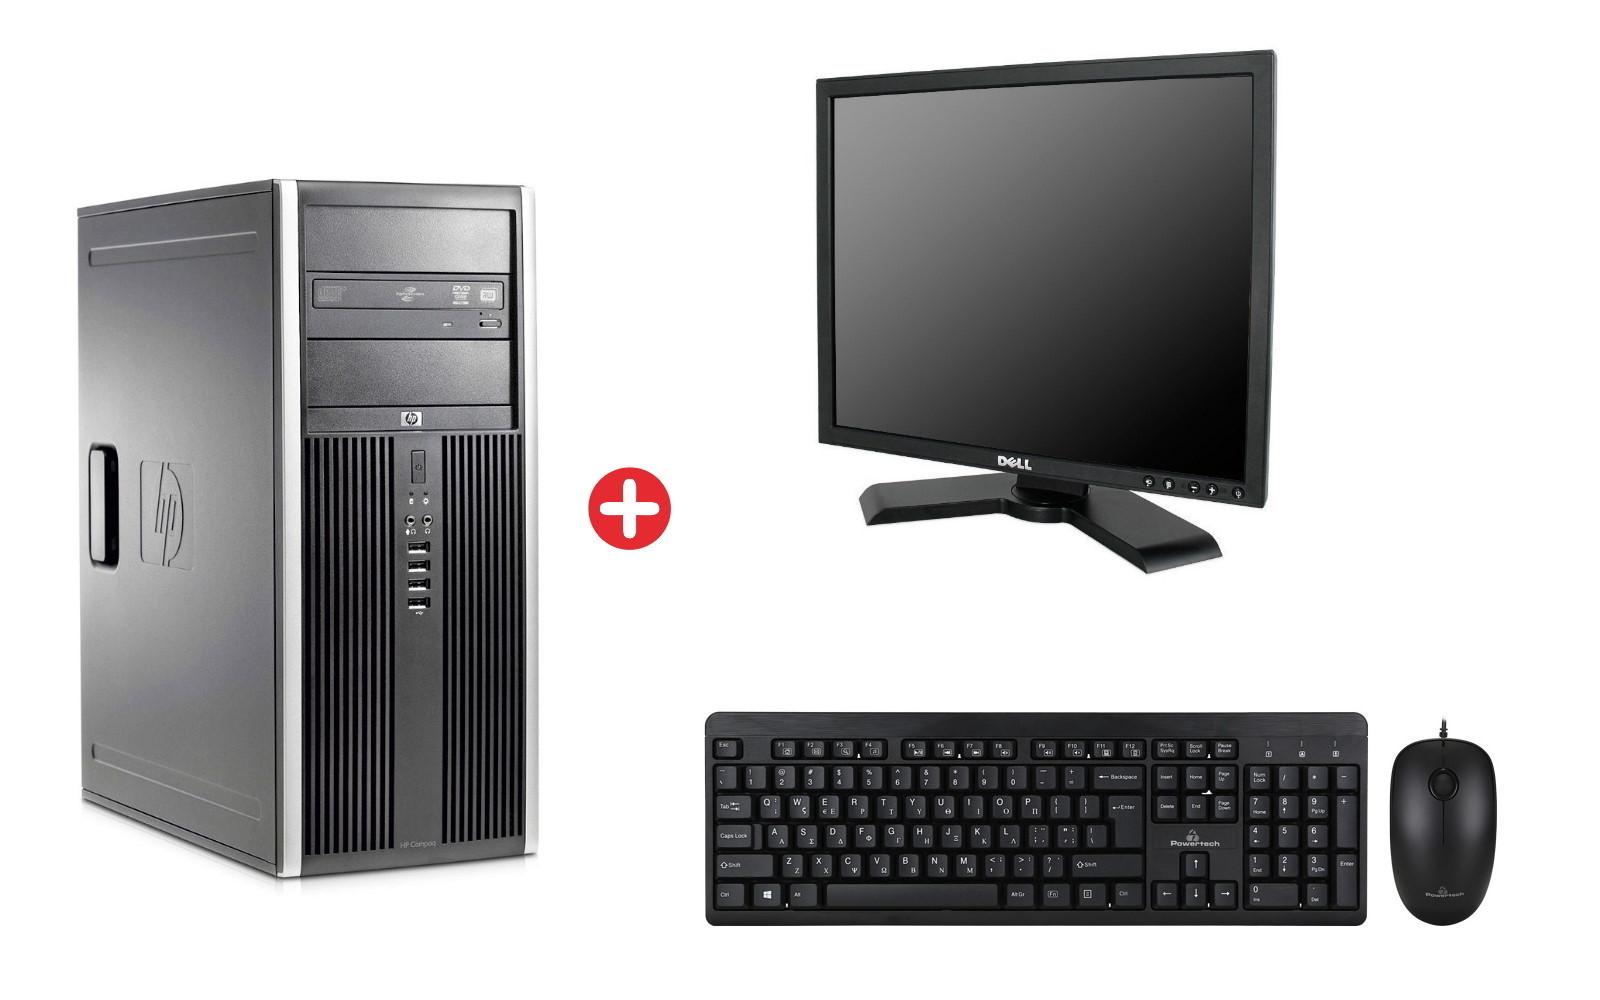 Bundle HP PC 8200 CMT, DELL οθόνη P190ST, POWERTECH set PT-678 - UNBRANDED 31449